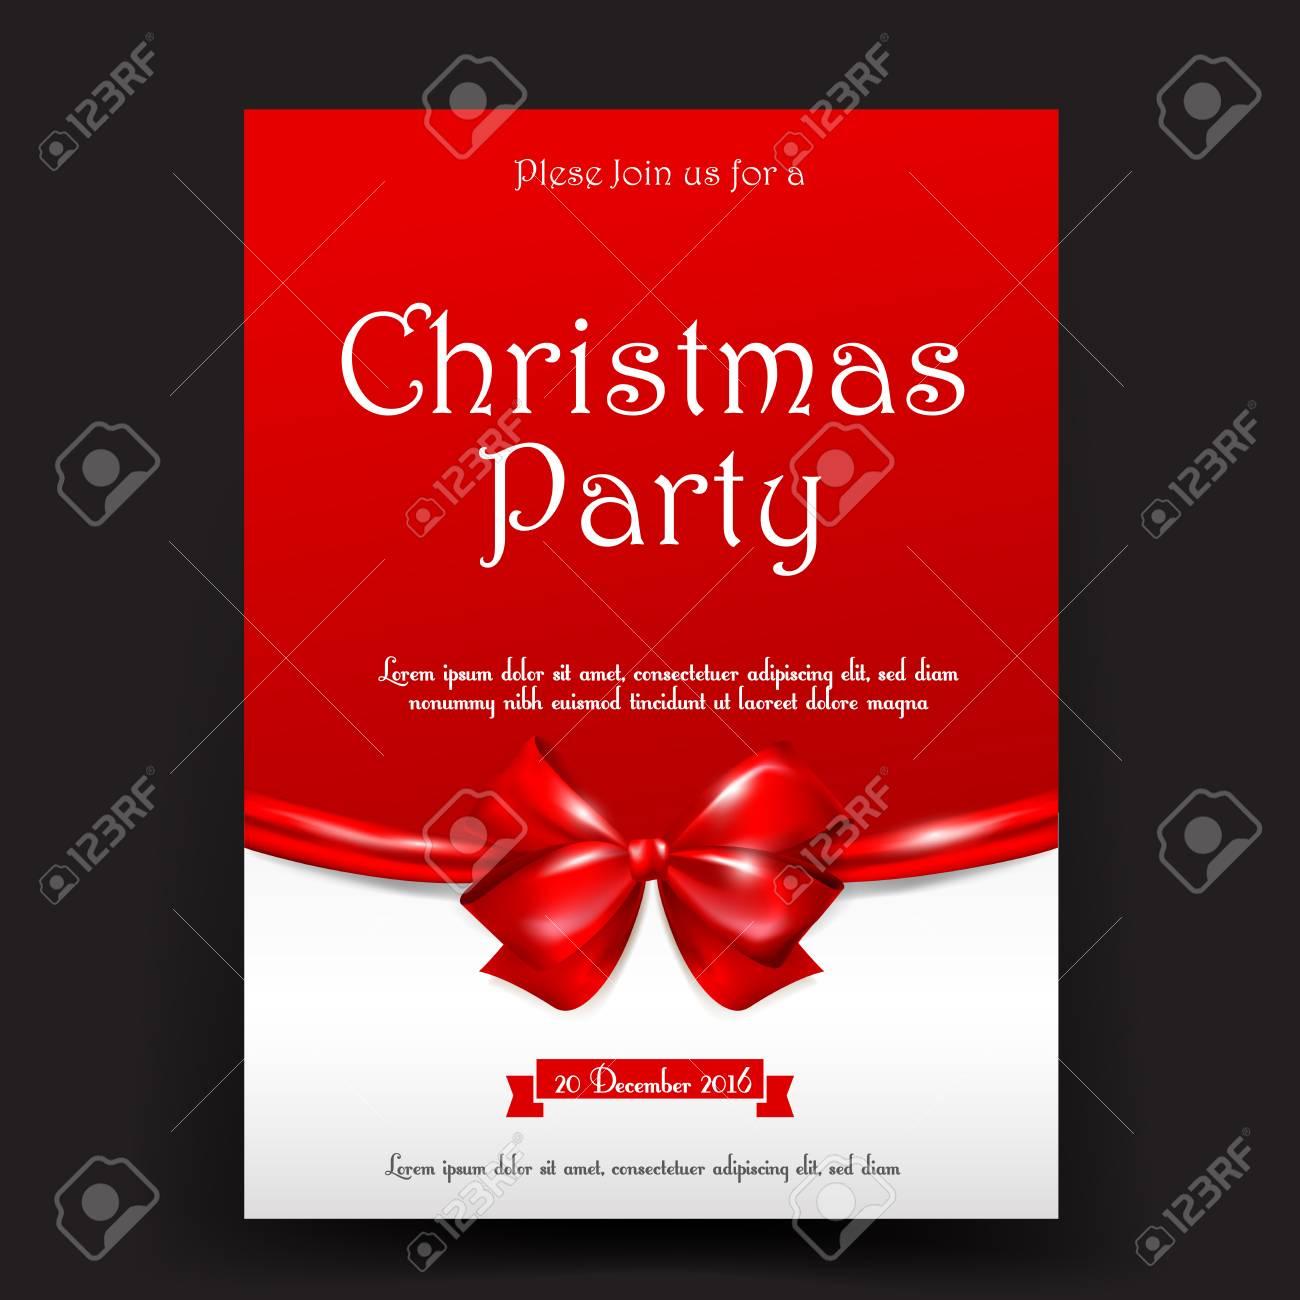 Feliz Navidad Invitación Tarjeta Etiqueta Banner Promoción Venta Descuento Estilo